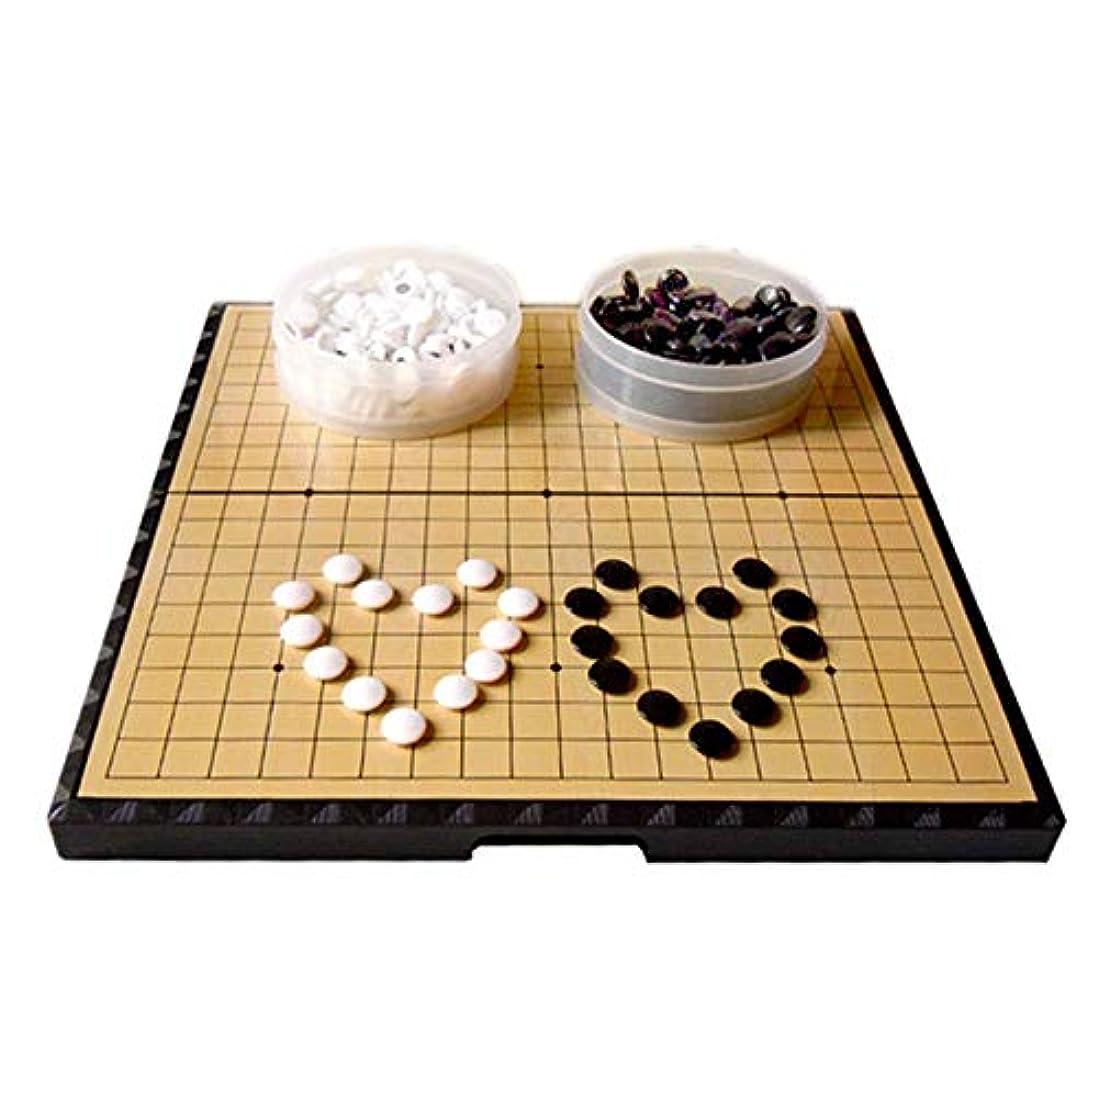 防腐剤誠意無線KUQIQI ゴーセットの大ゴーゲーム教育子供大人ゴーGobangセット旅行ゲームチェスボードセット, チェス (色 : AS PIcture)